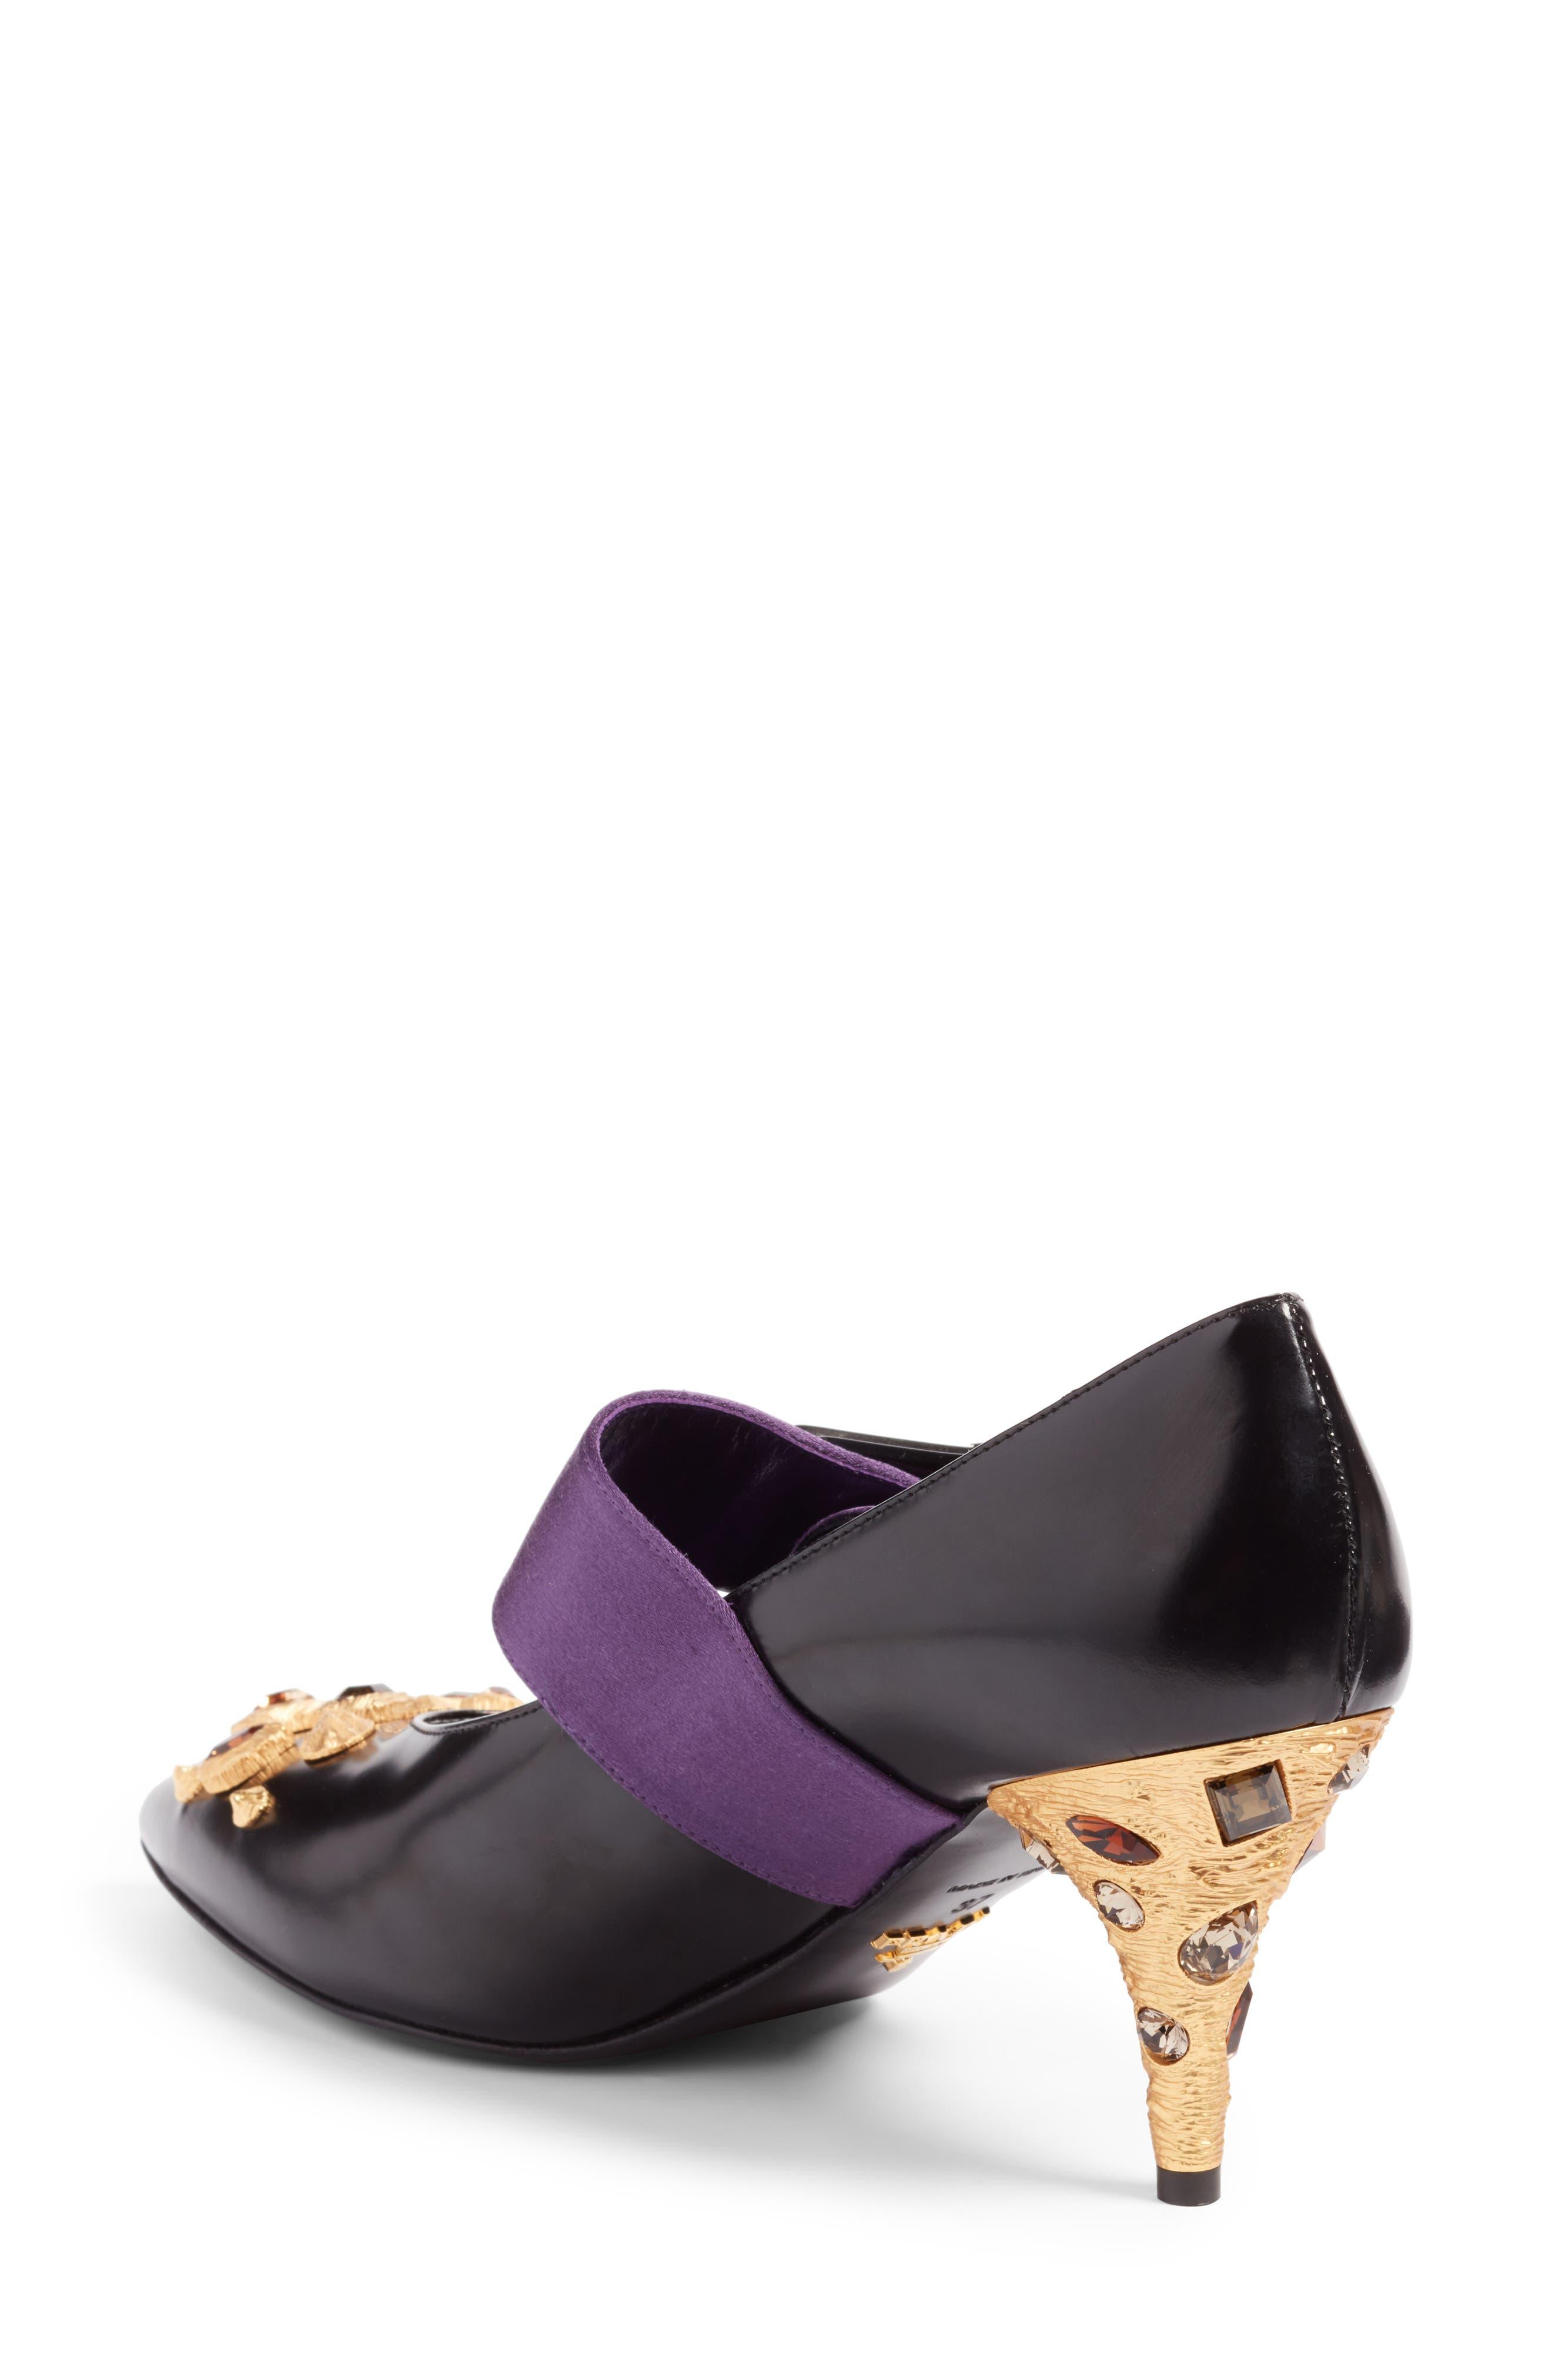 Jeweled Mary Jane Pump,                             Alternate thumbnail 2, color,                             Black/ Purple